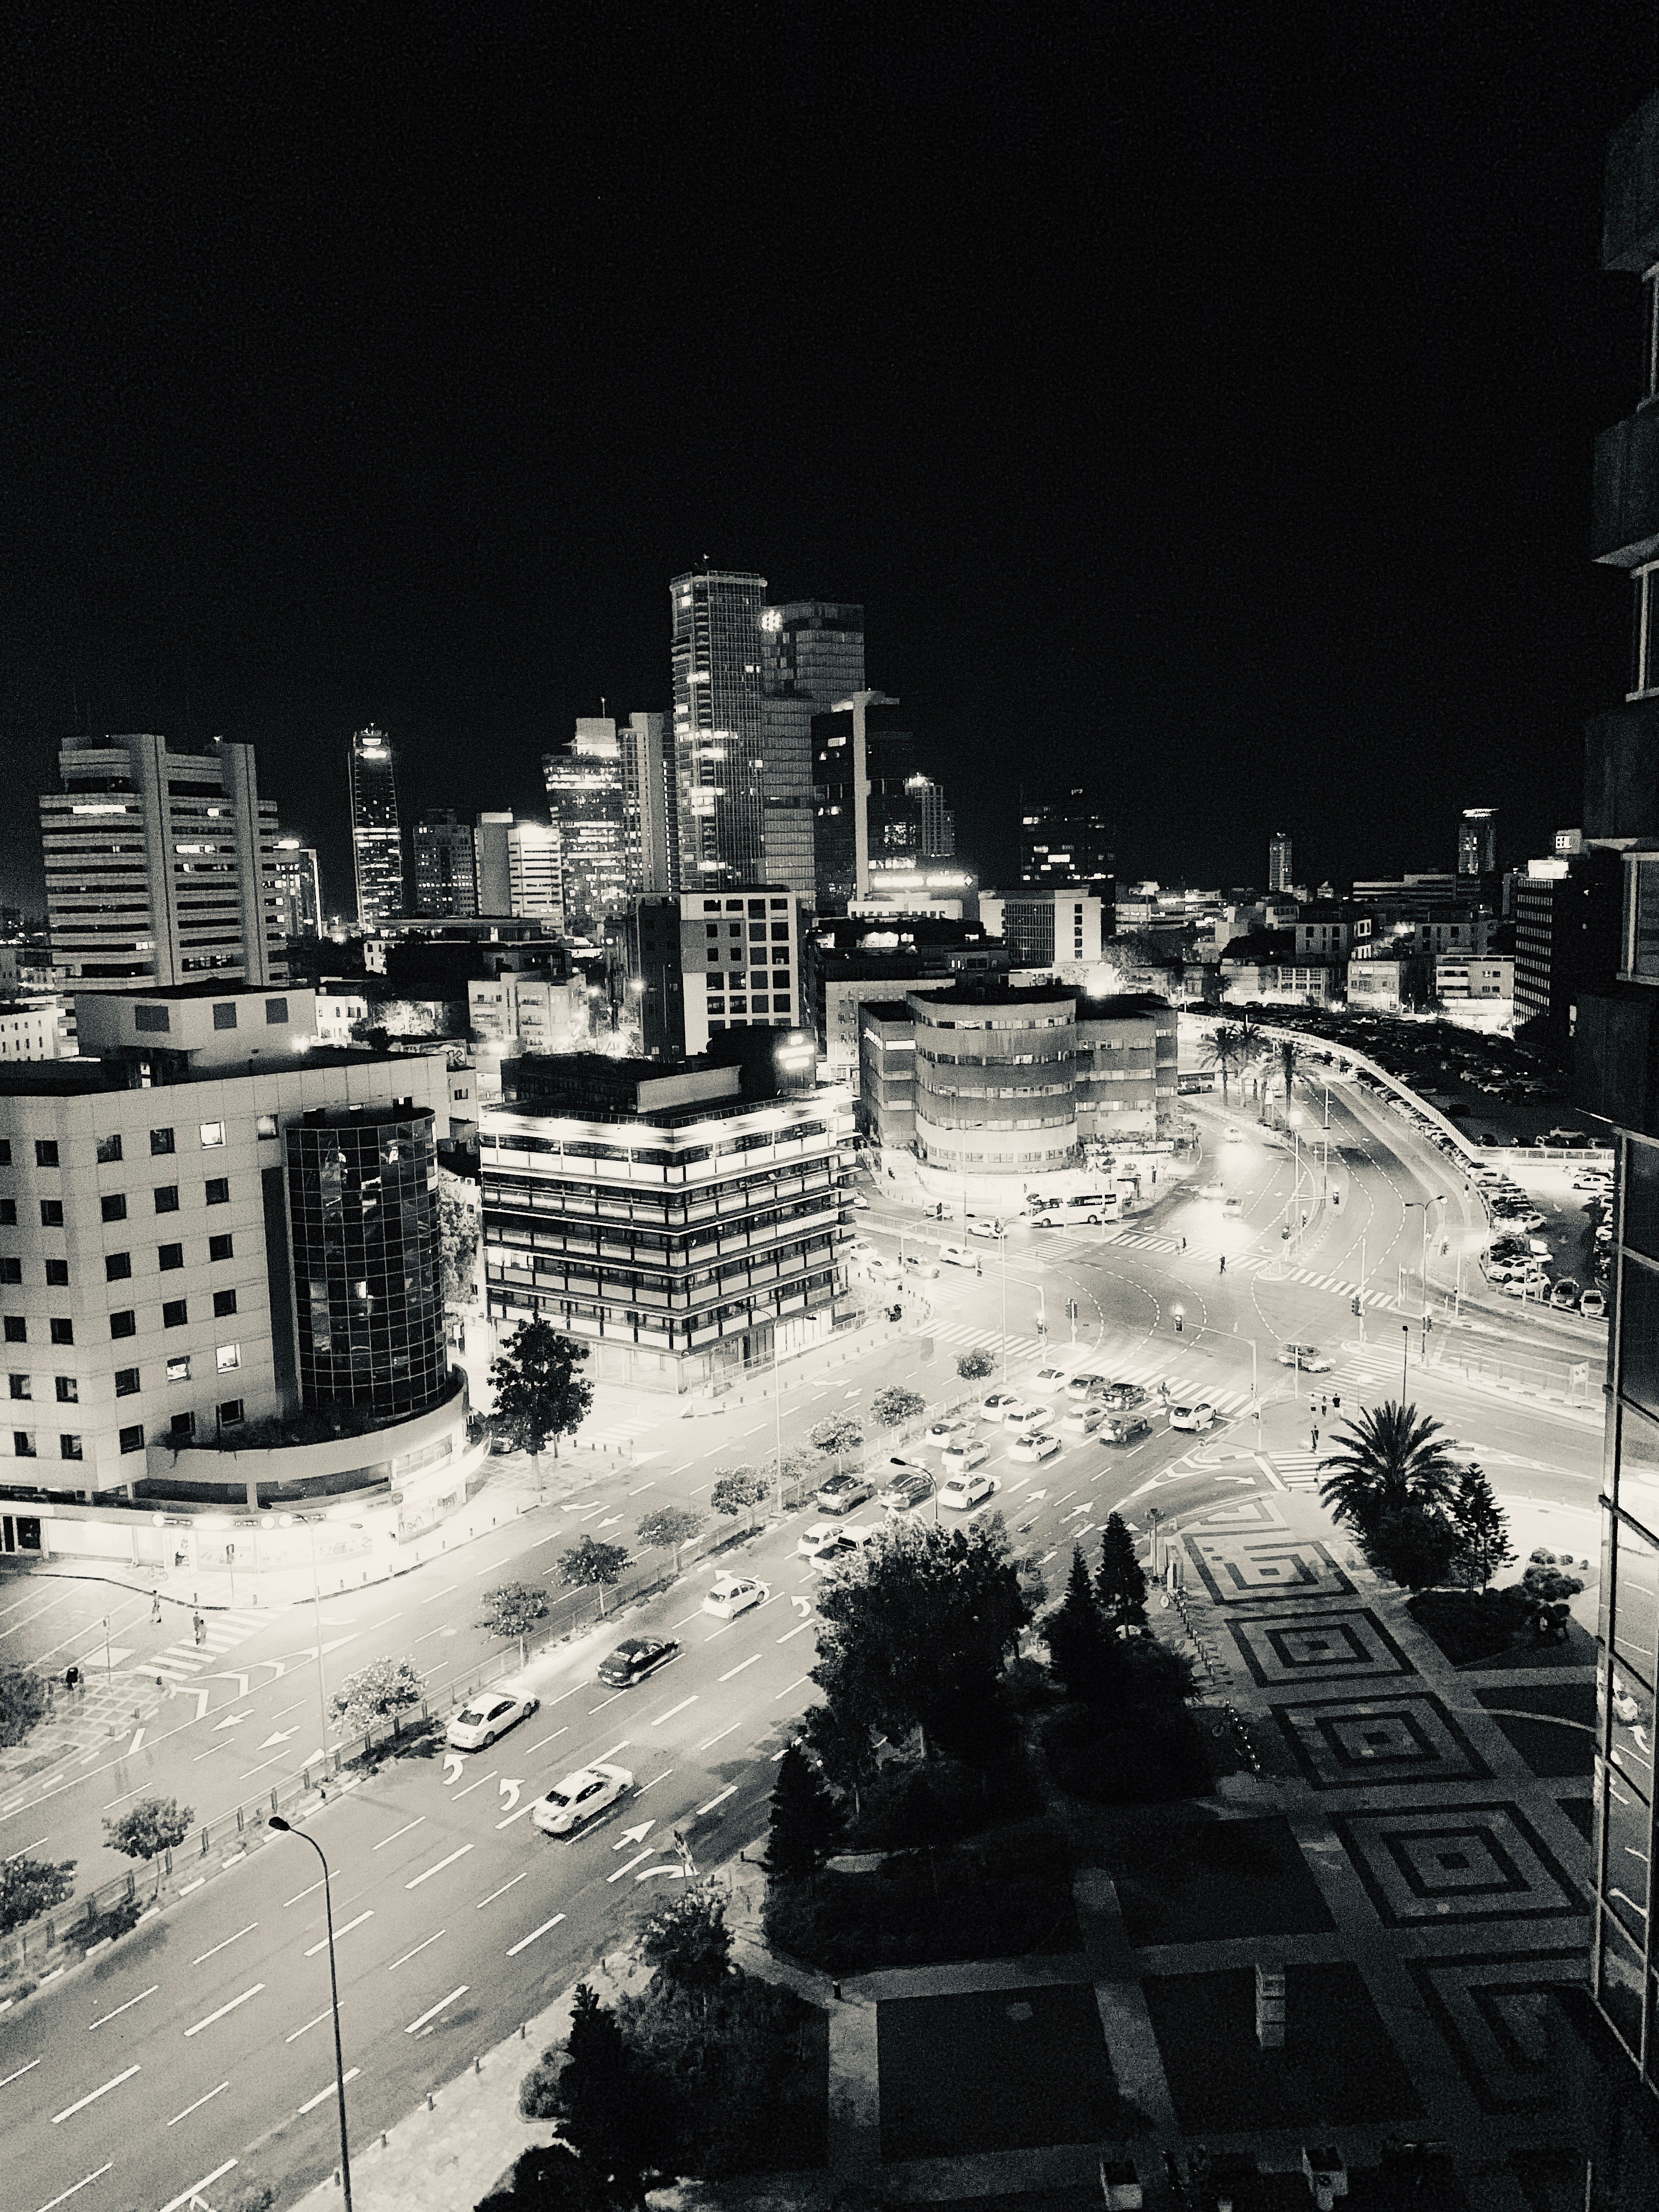 DowntownTelAviv-Isreal.png